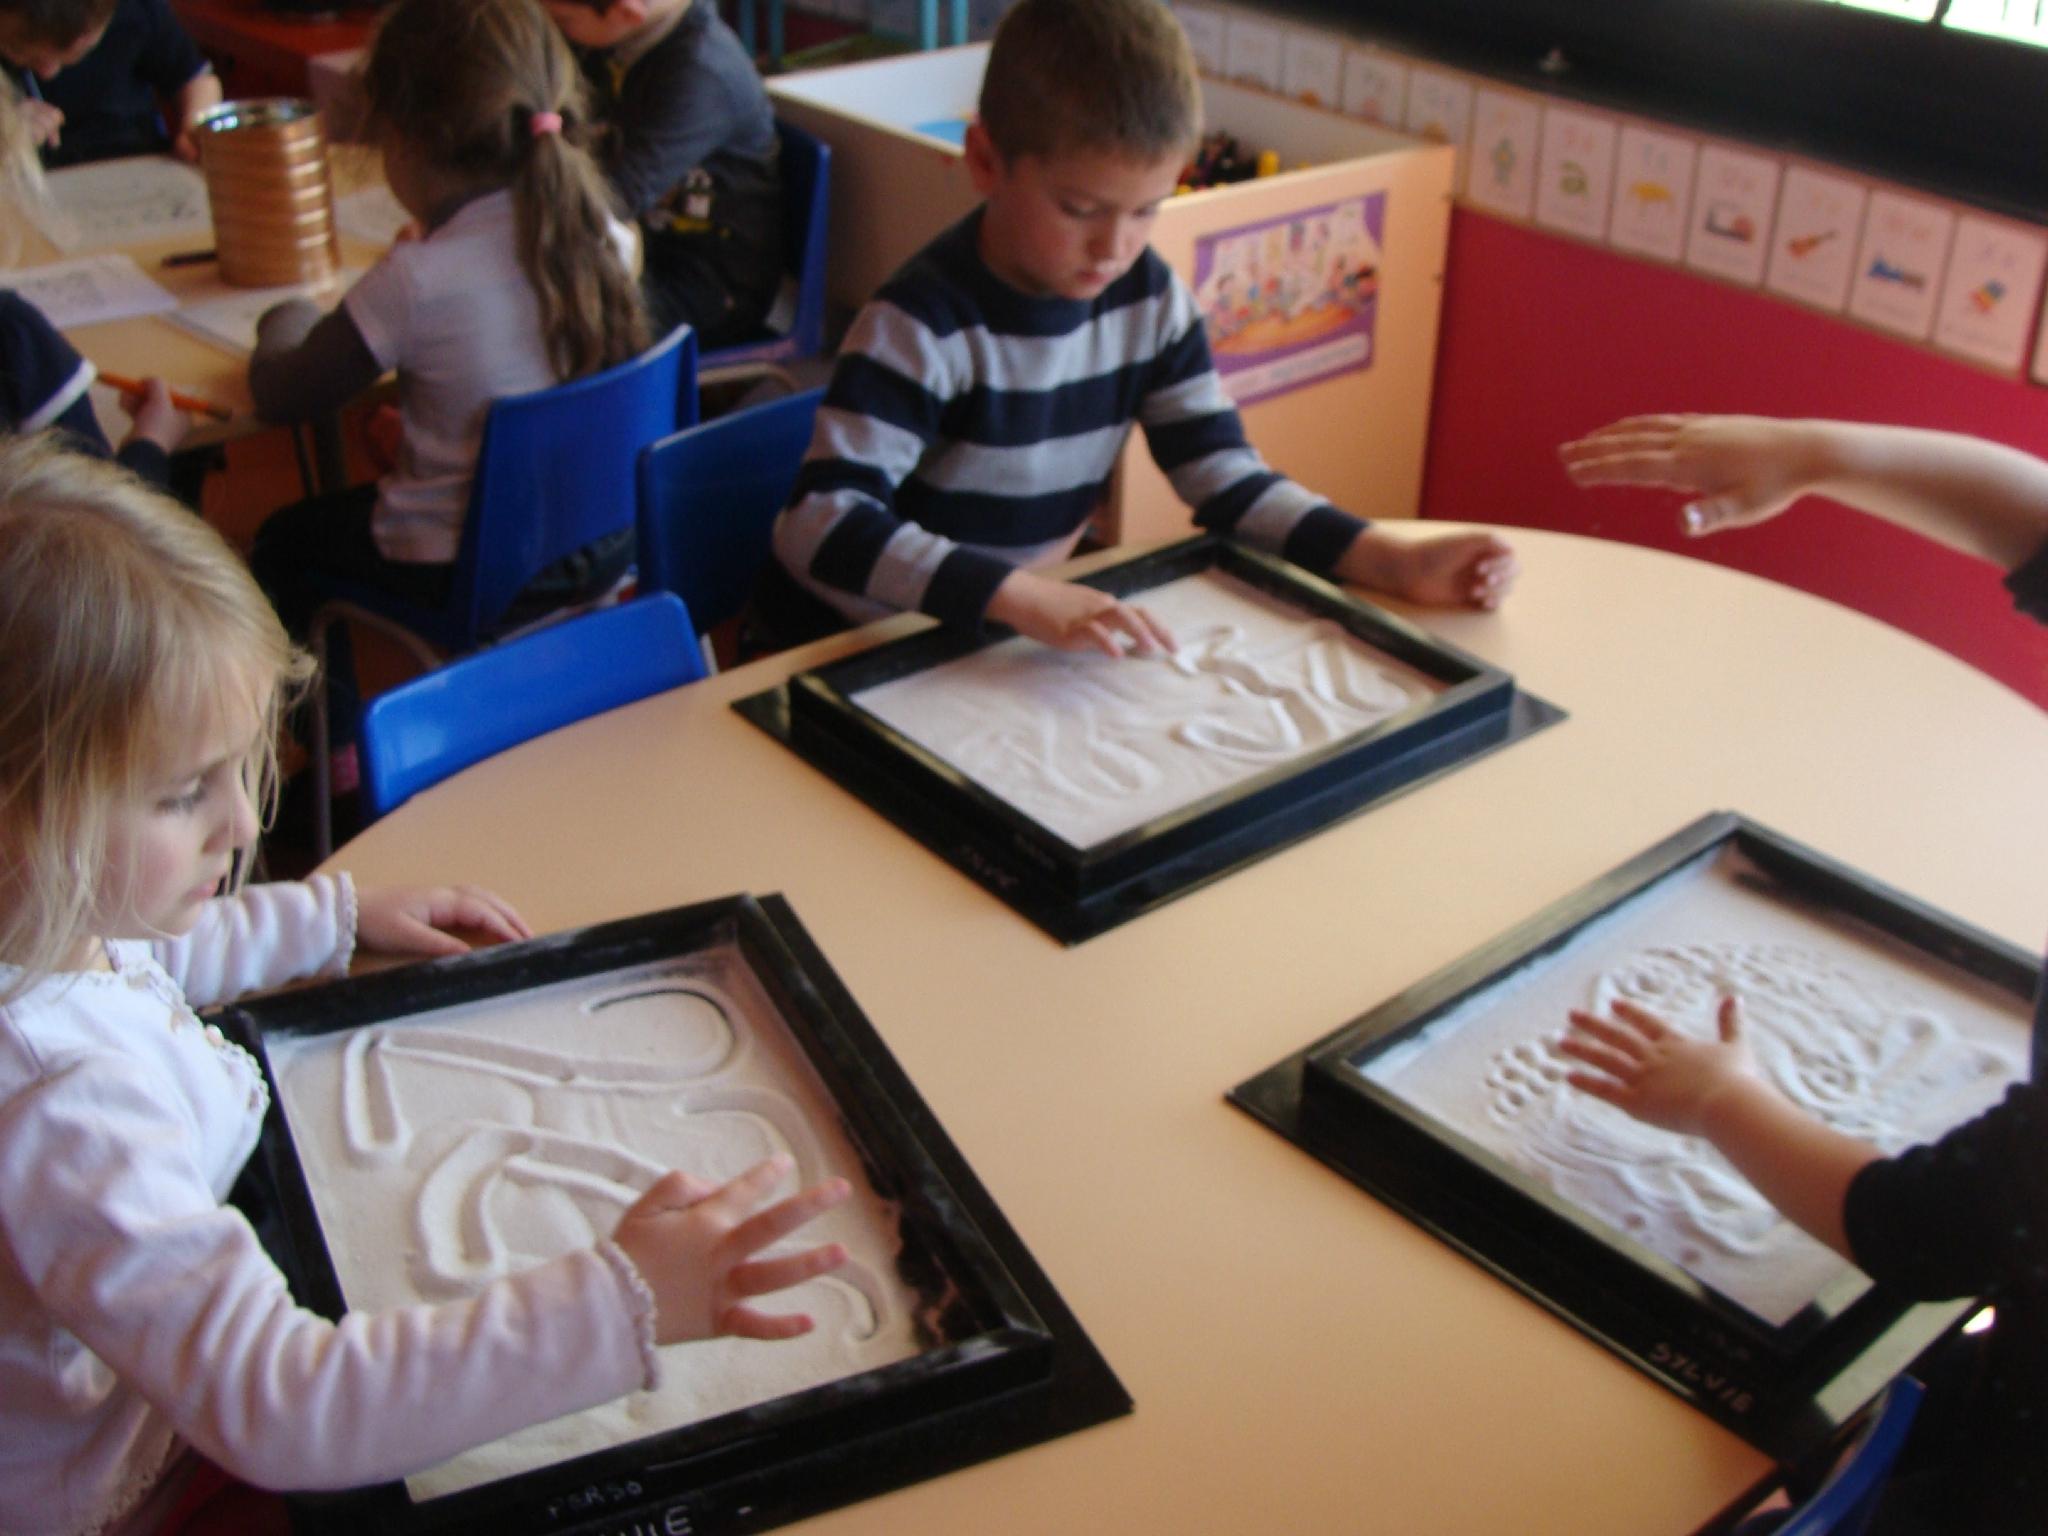 Apprendre À Tracer Le Chiffre 2 - La Maternelle De Vivi encequiconcerne Apprendre À Écrire Les Chiffres En Maternelle